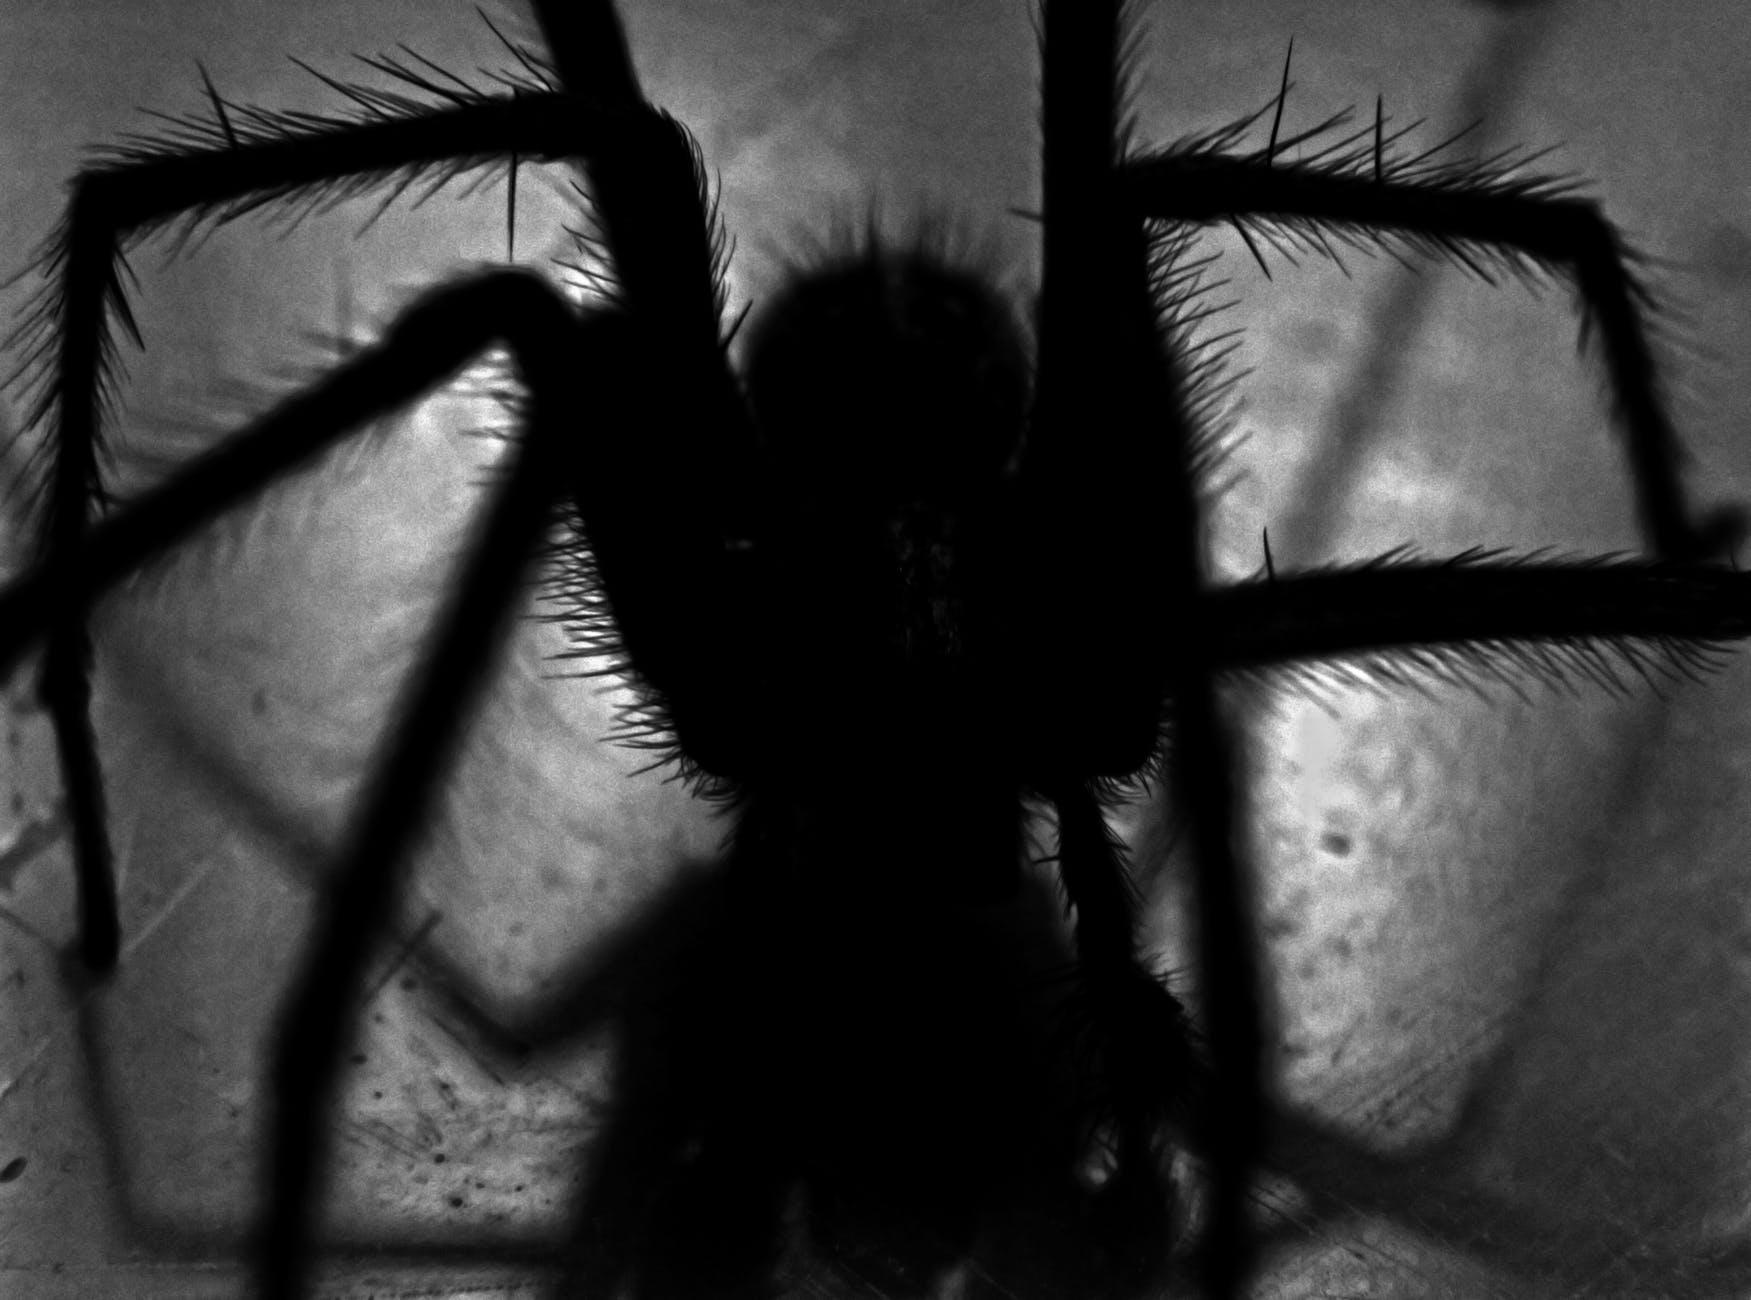 spinnen die stechen in deutschland spinnenstiche behandeln. Black Bedroom Furniture Sets. Home Design Ideas